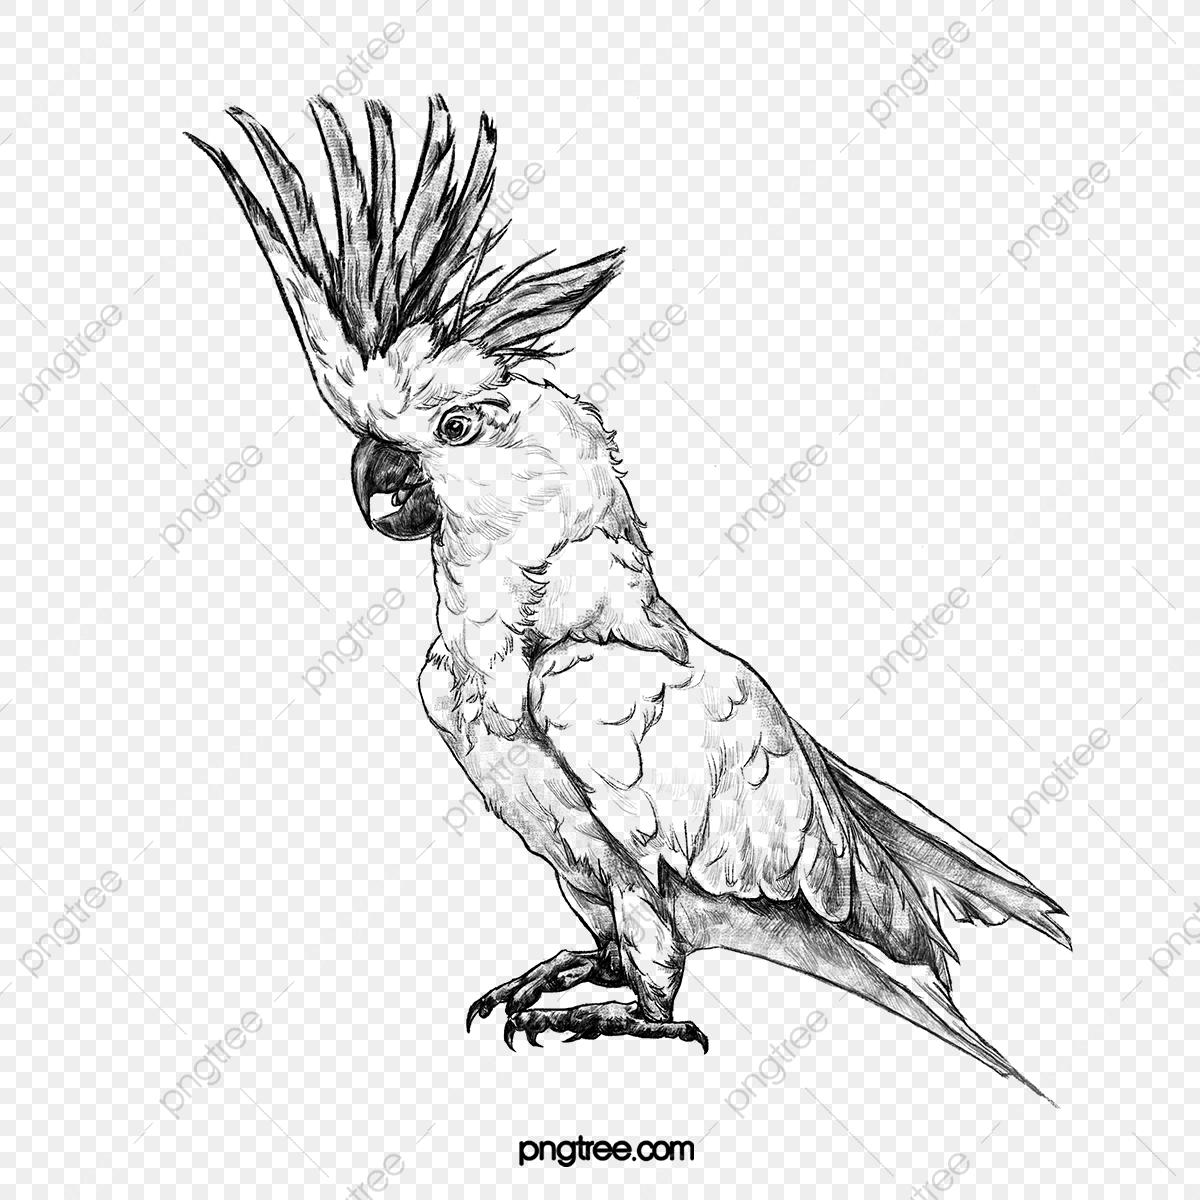 Croquis Oiseau Noir Et Blanc Dessin Au Trait Oiseau Animal